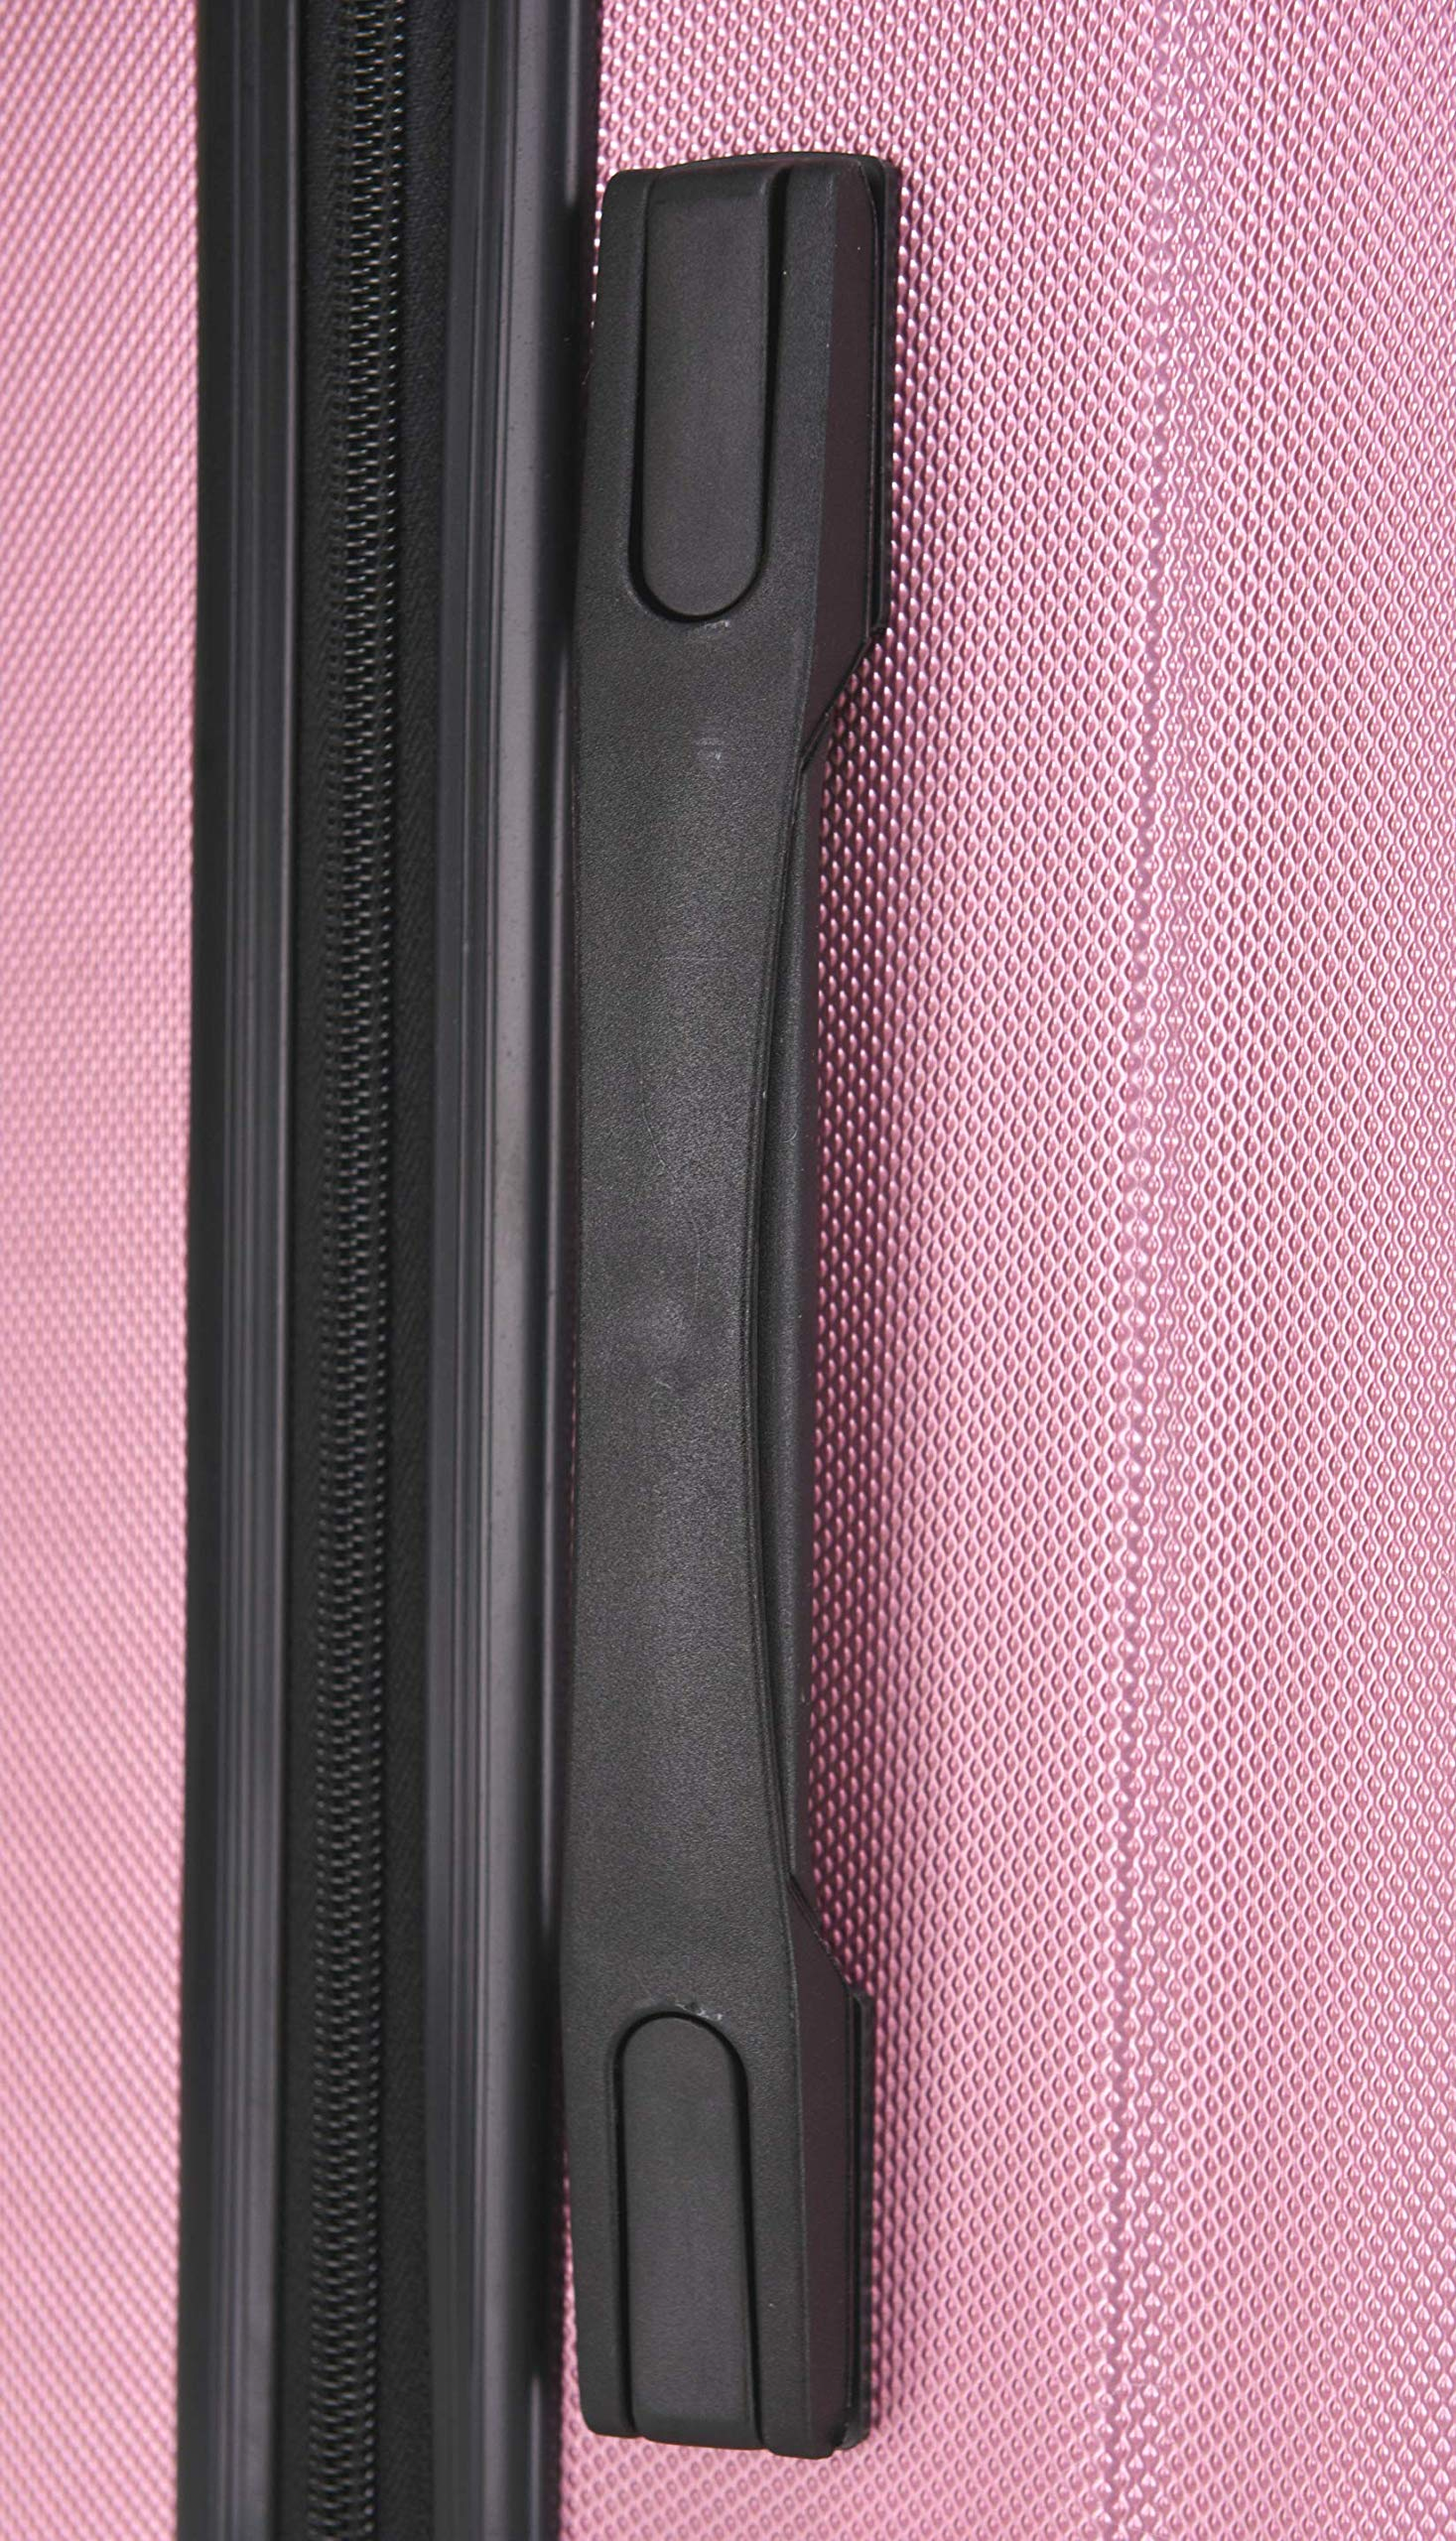 BEIBYE 2045 Hartschale Koffer Kofferset Trolley Reisekoffer Größe XL-L-M in 12 Farben (Pink, L)